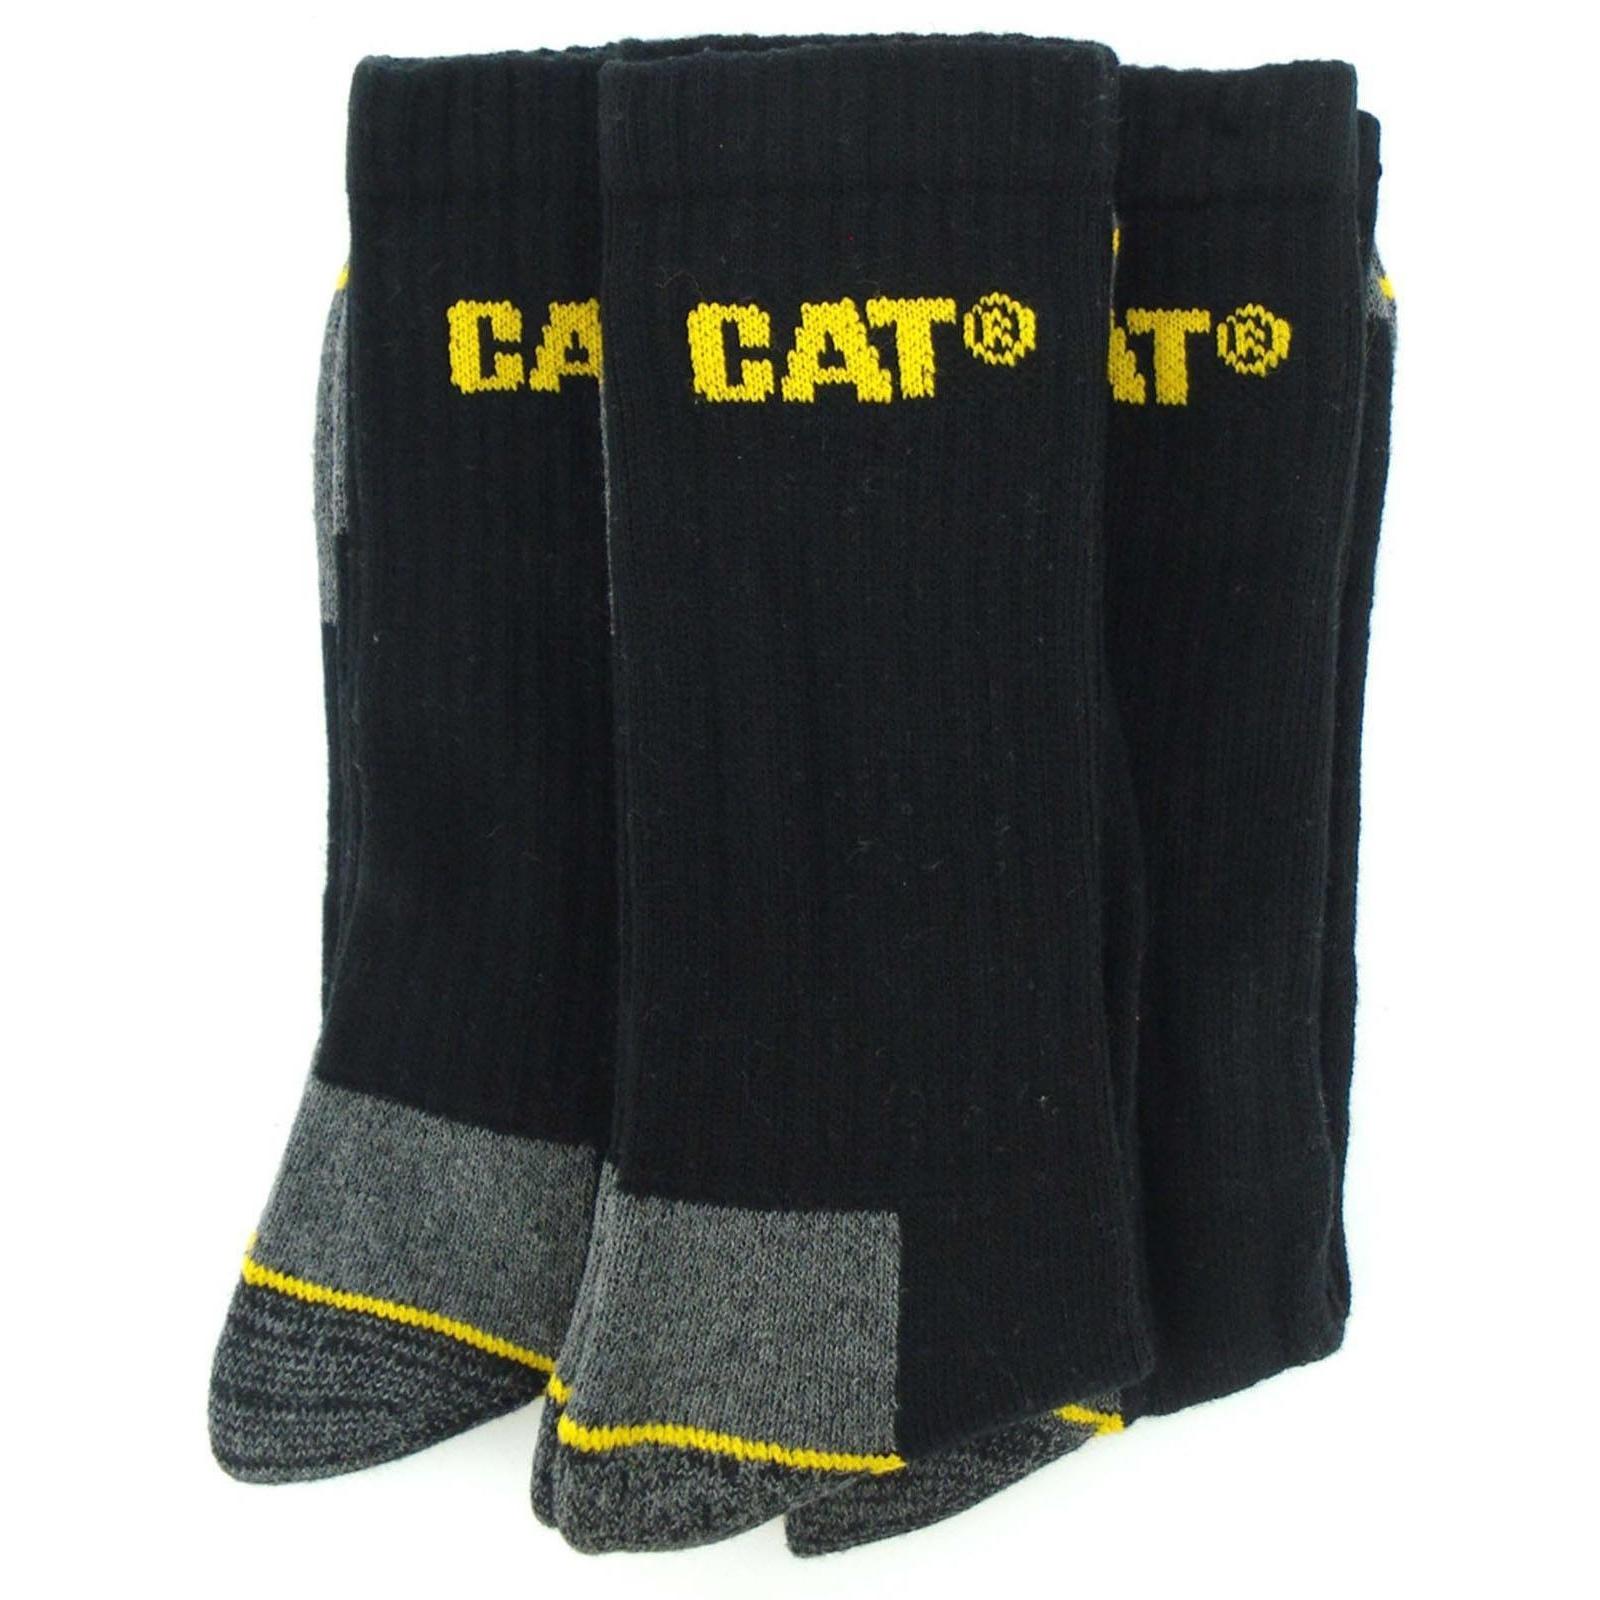 Chaussettes-de-travail-Caterpillar-lot-de-3-paires-pour-homme-EUR-FS181 miniature 5